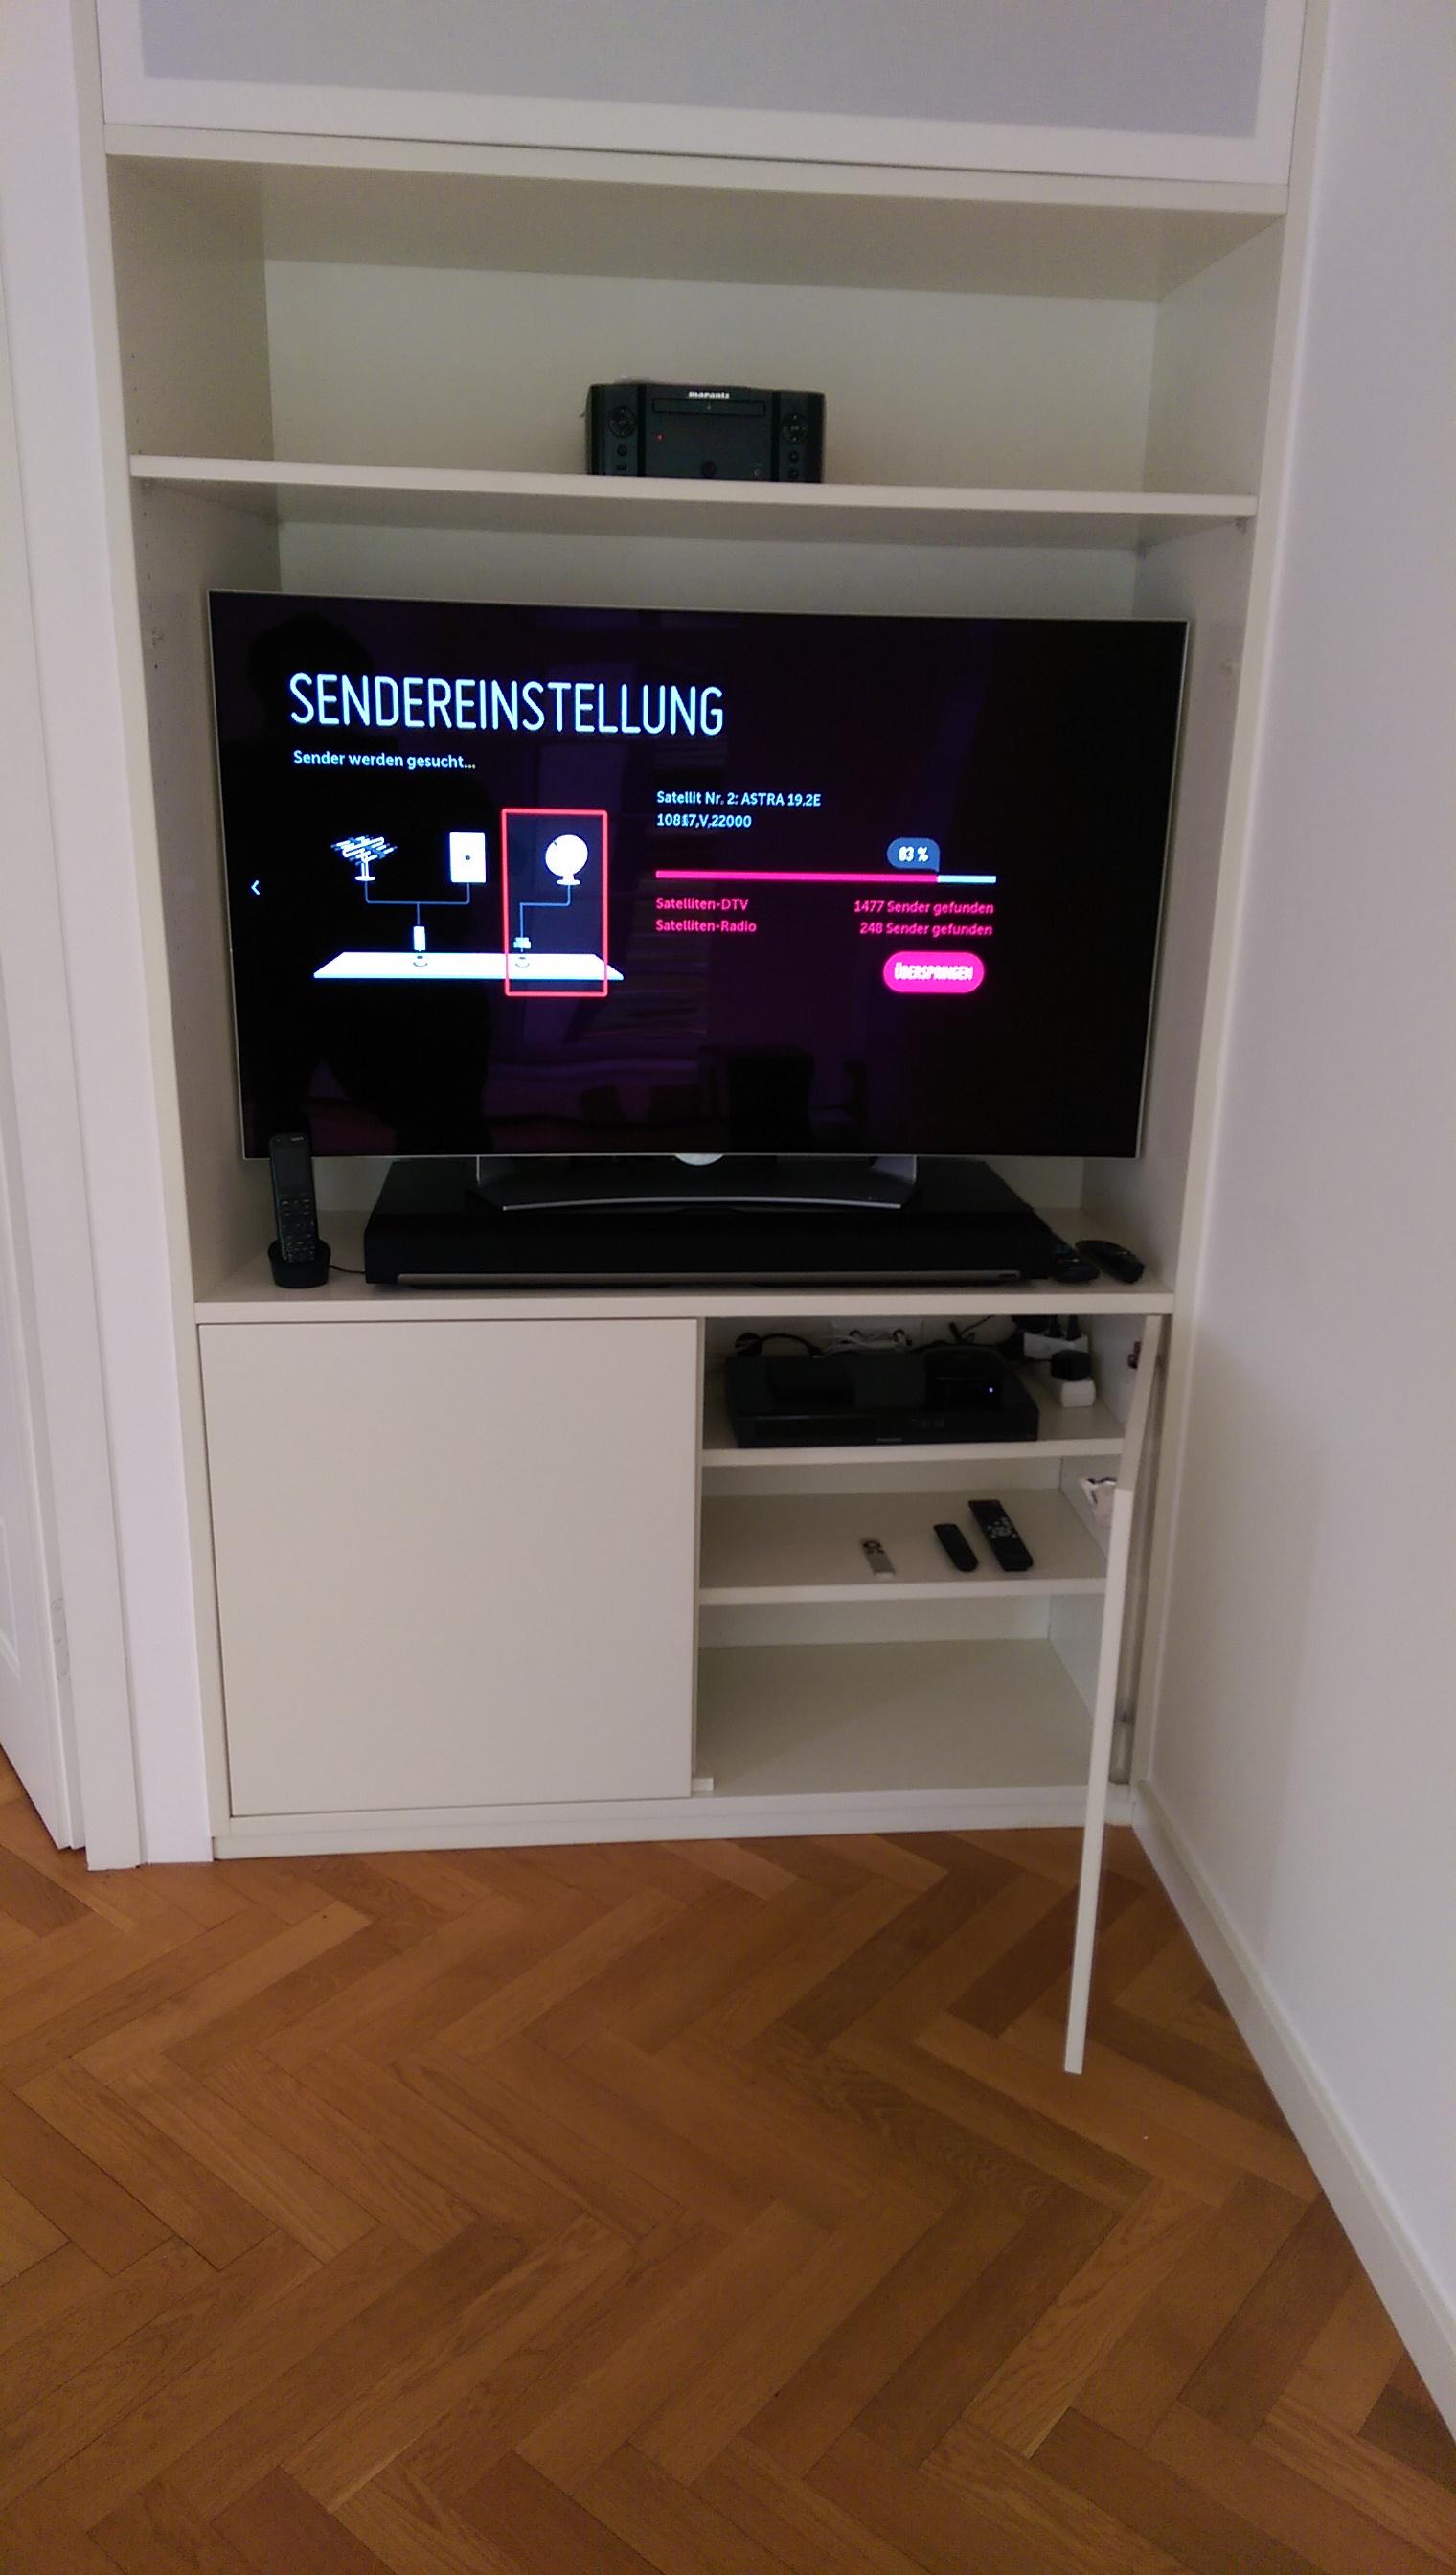 lg oled tv. Black Bedroom Furniture Sets. Home Design Ideas